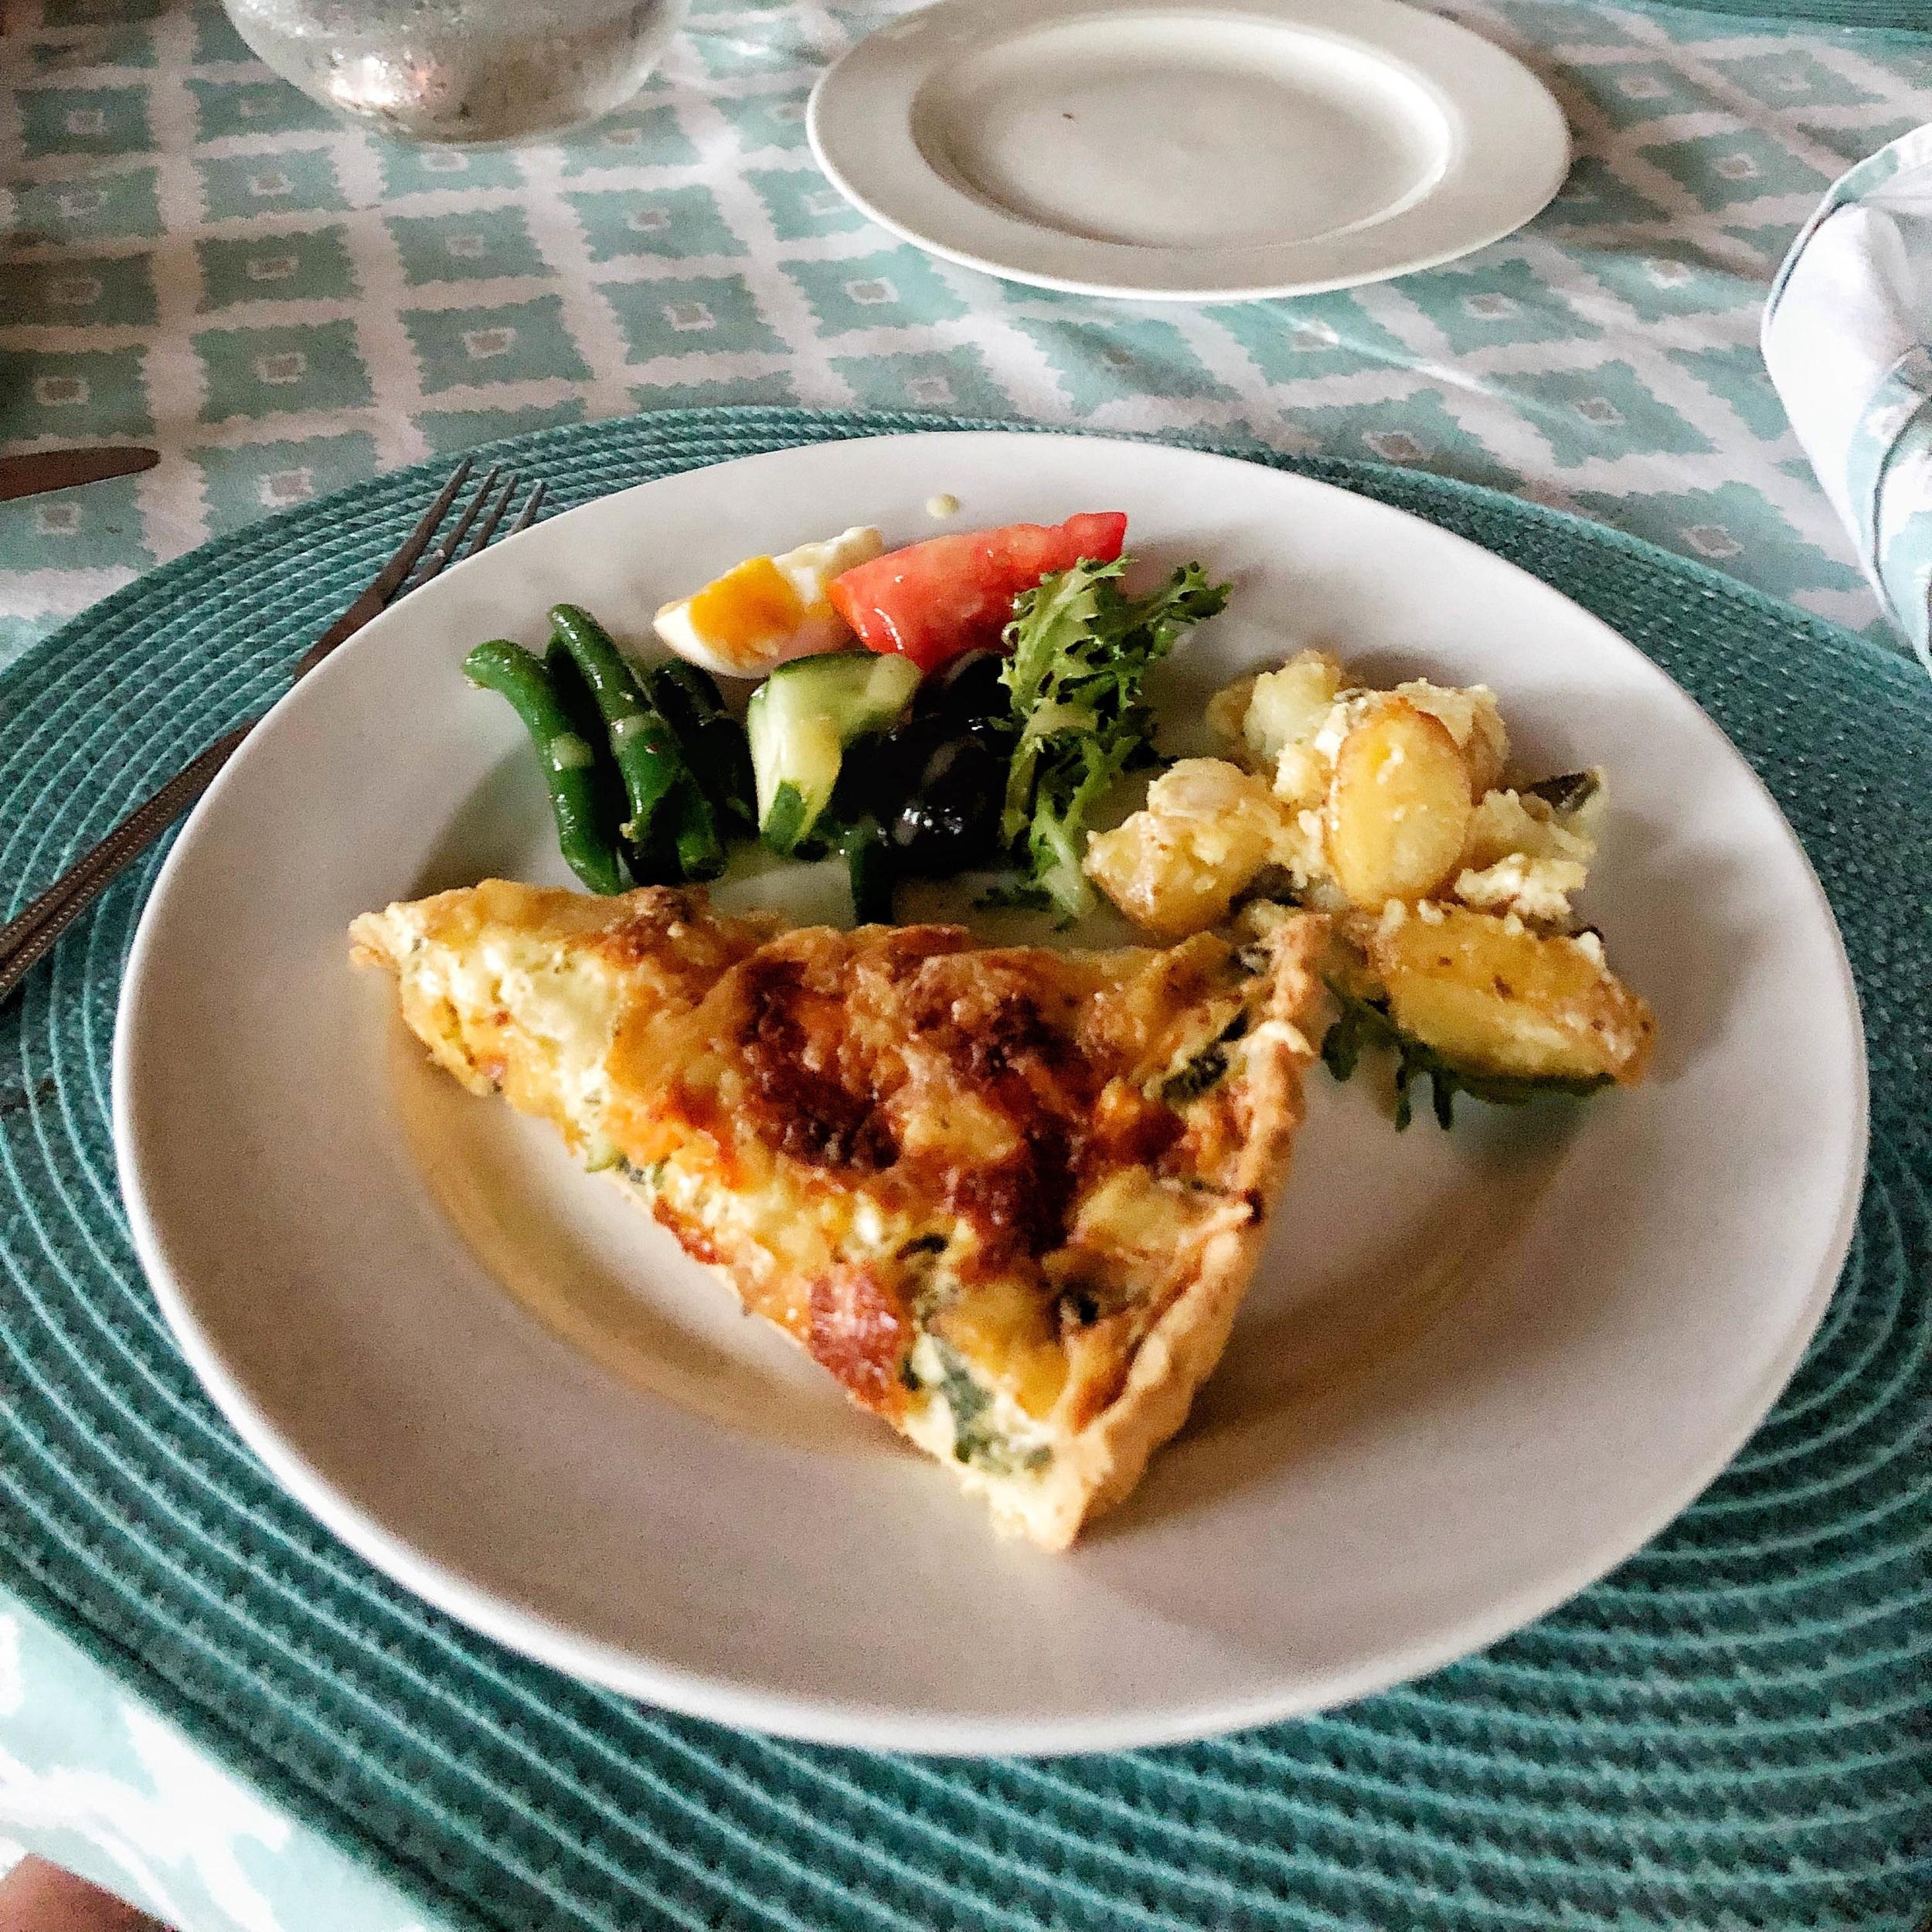 美味 的 土豆 沙拉 和 沙拉 配 上 一个 土豆 的 配菜